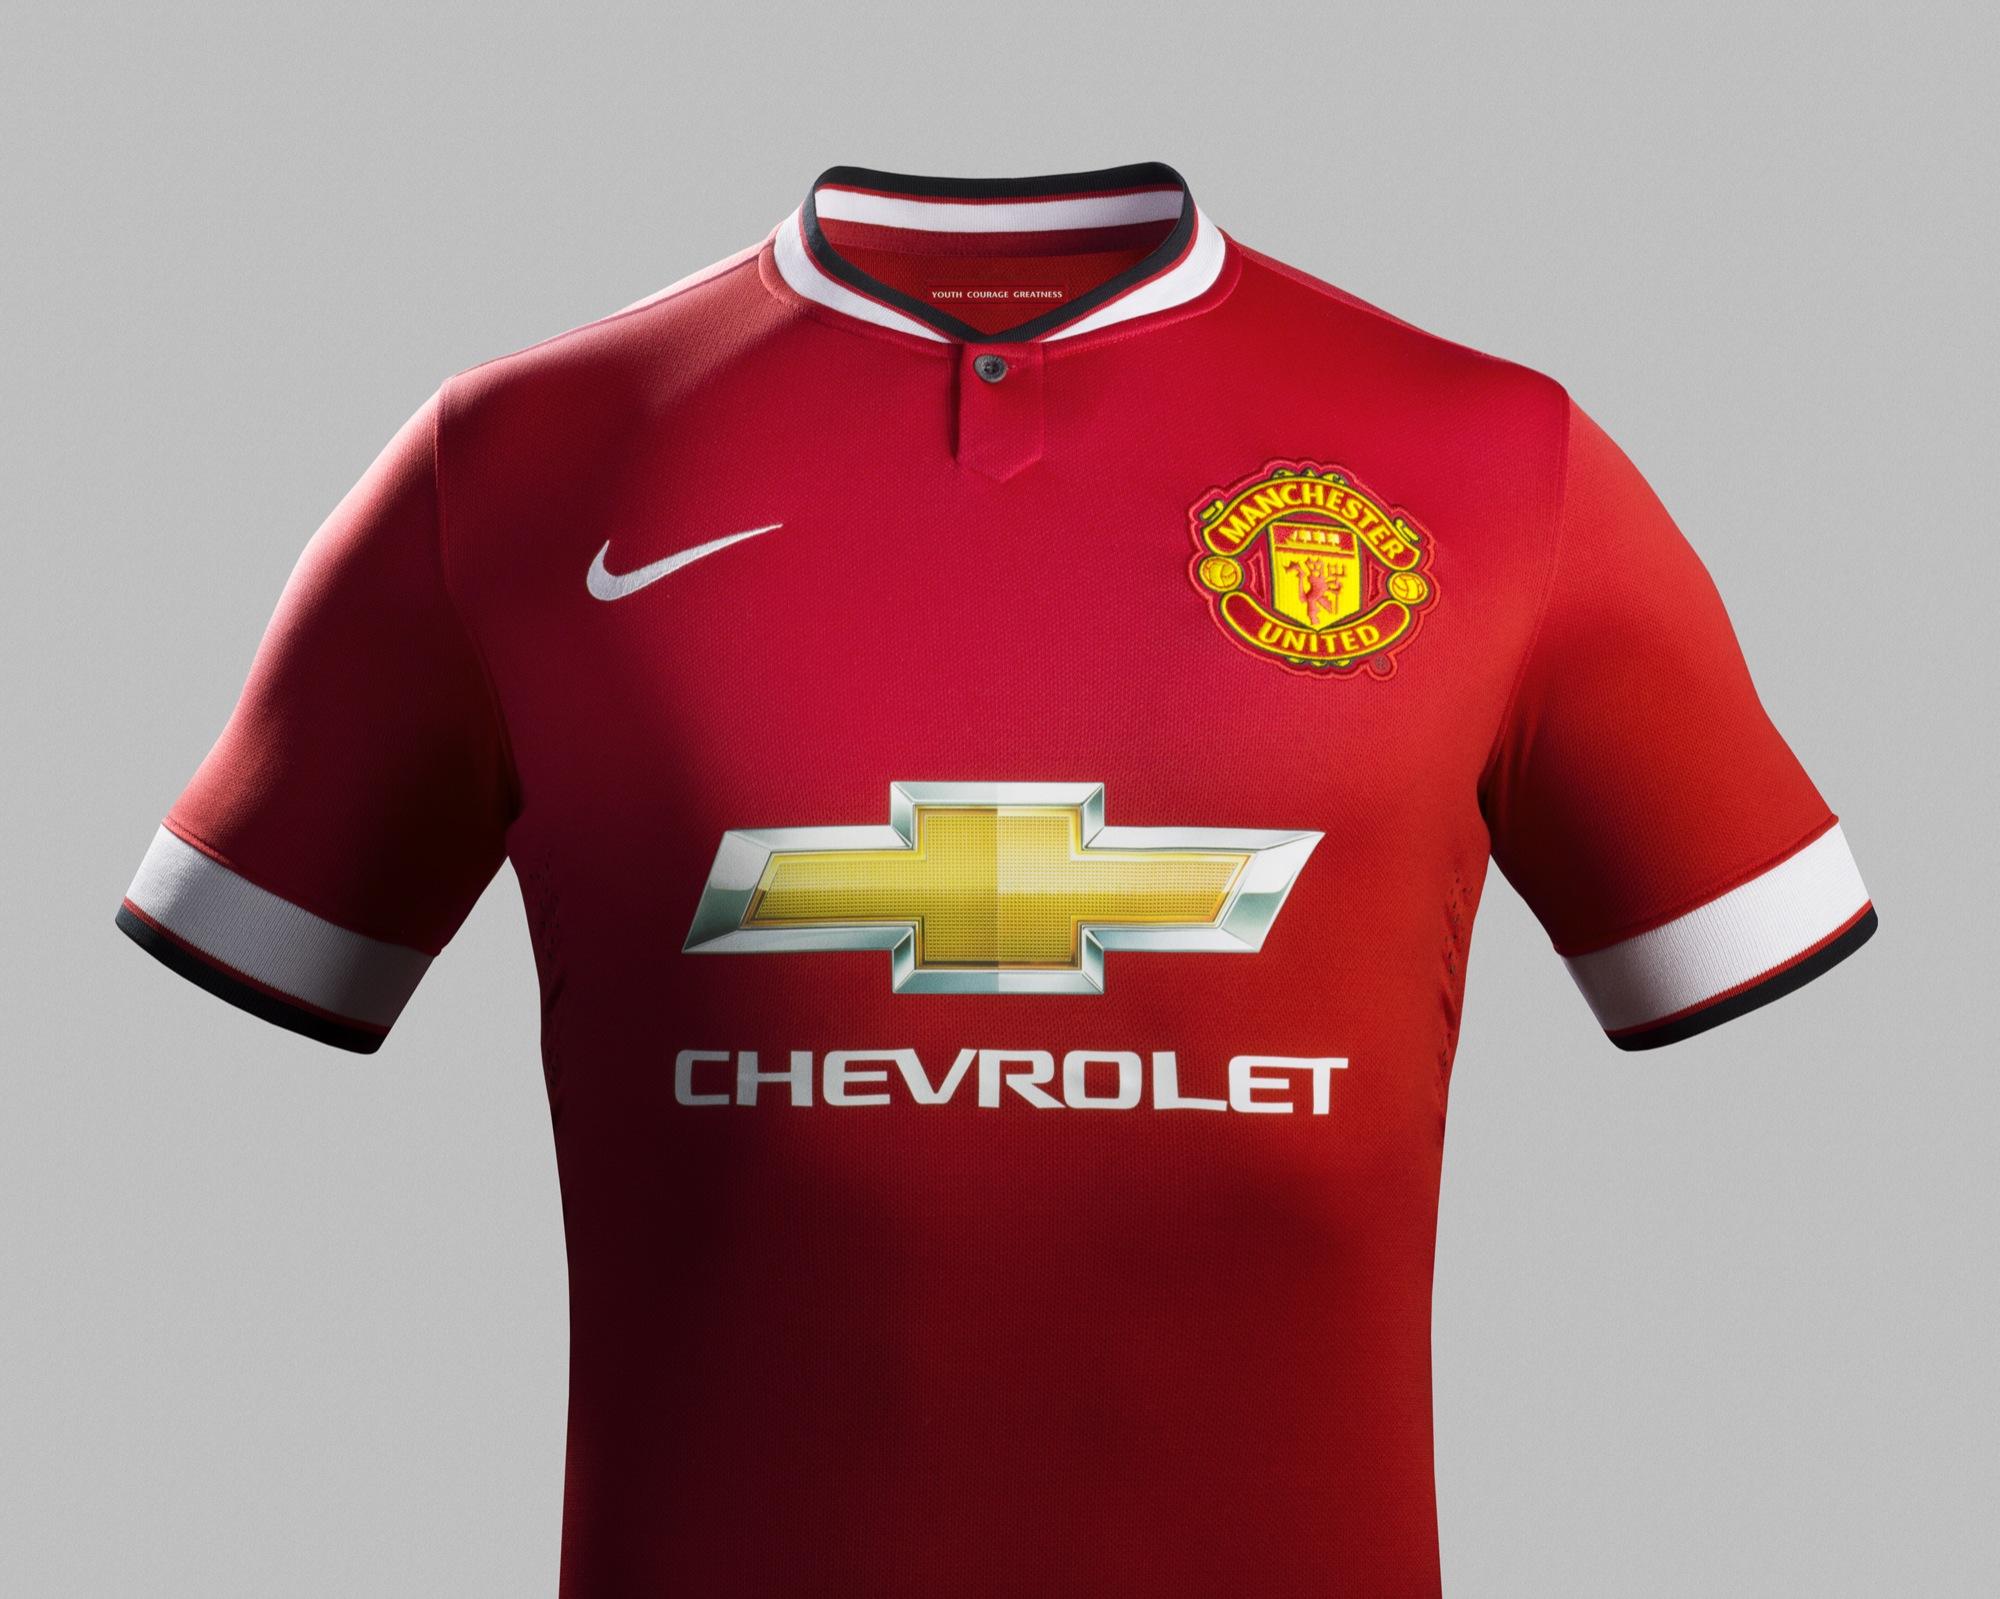 Nouveau-maillot-manchester-united-2014-2015